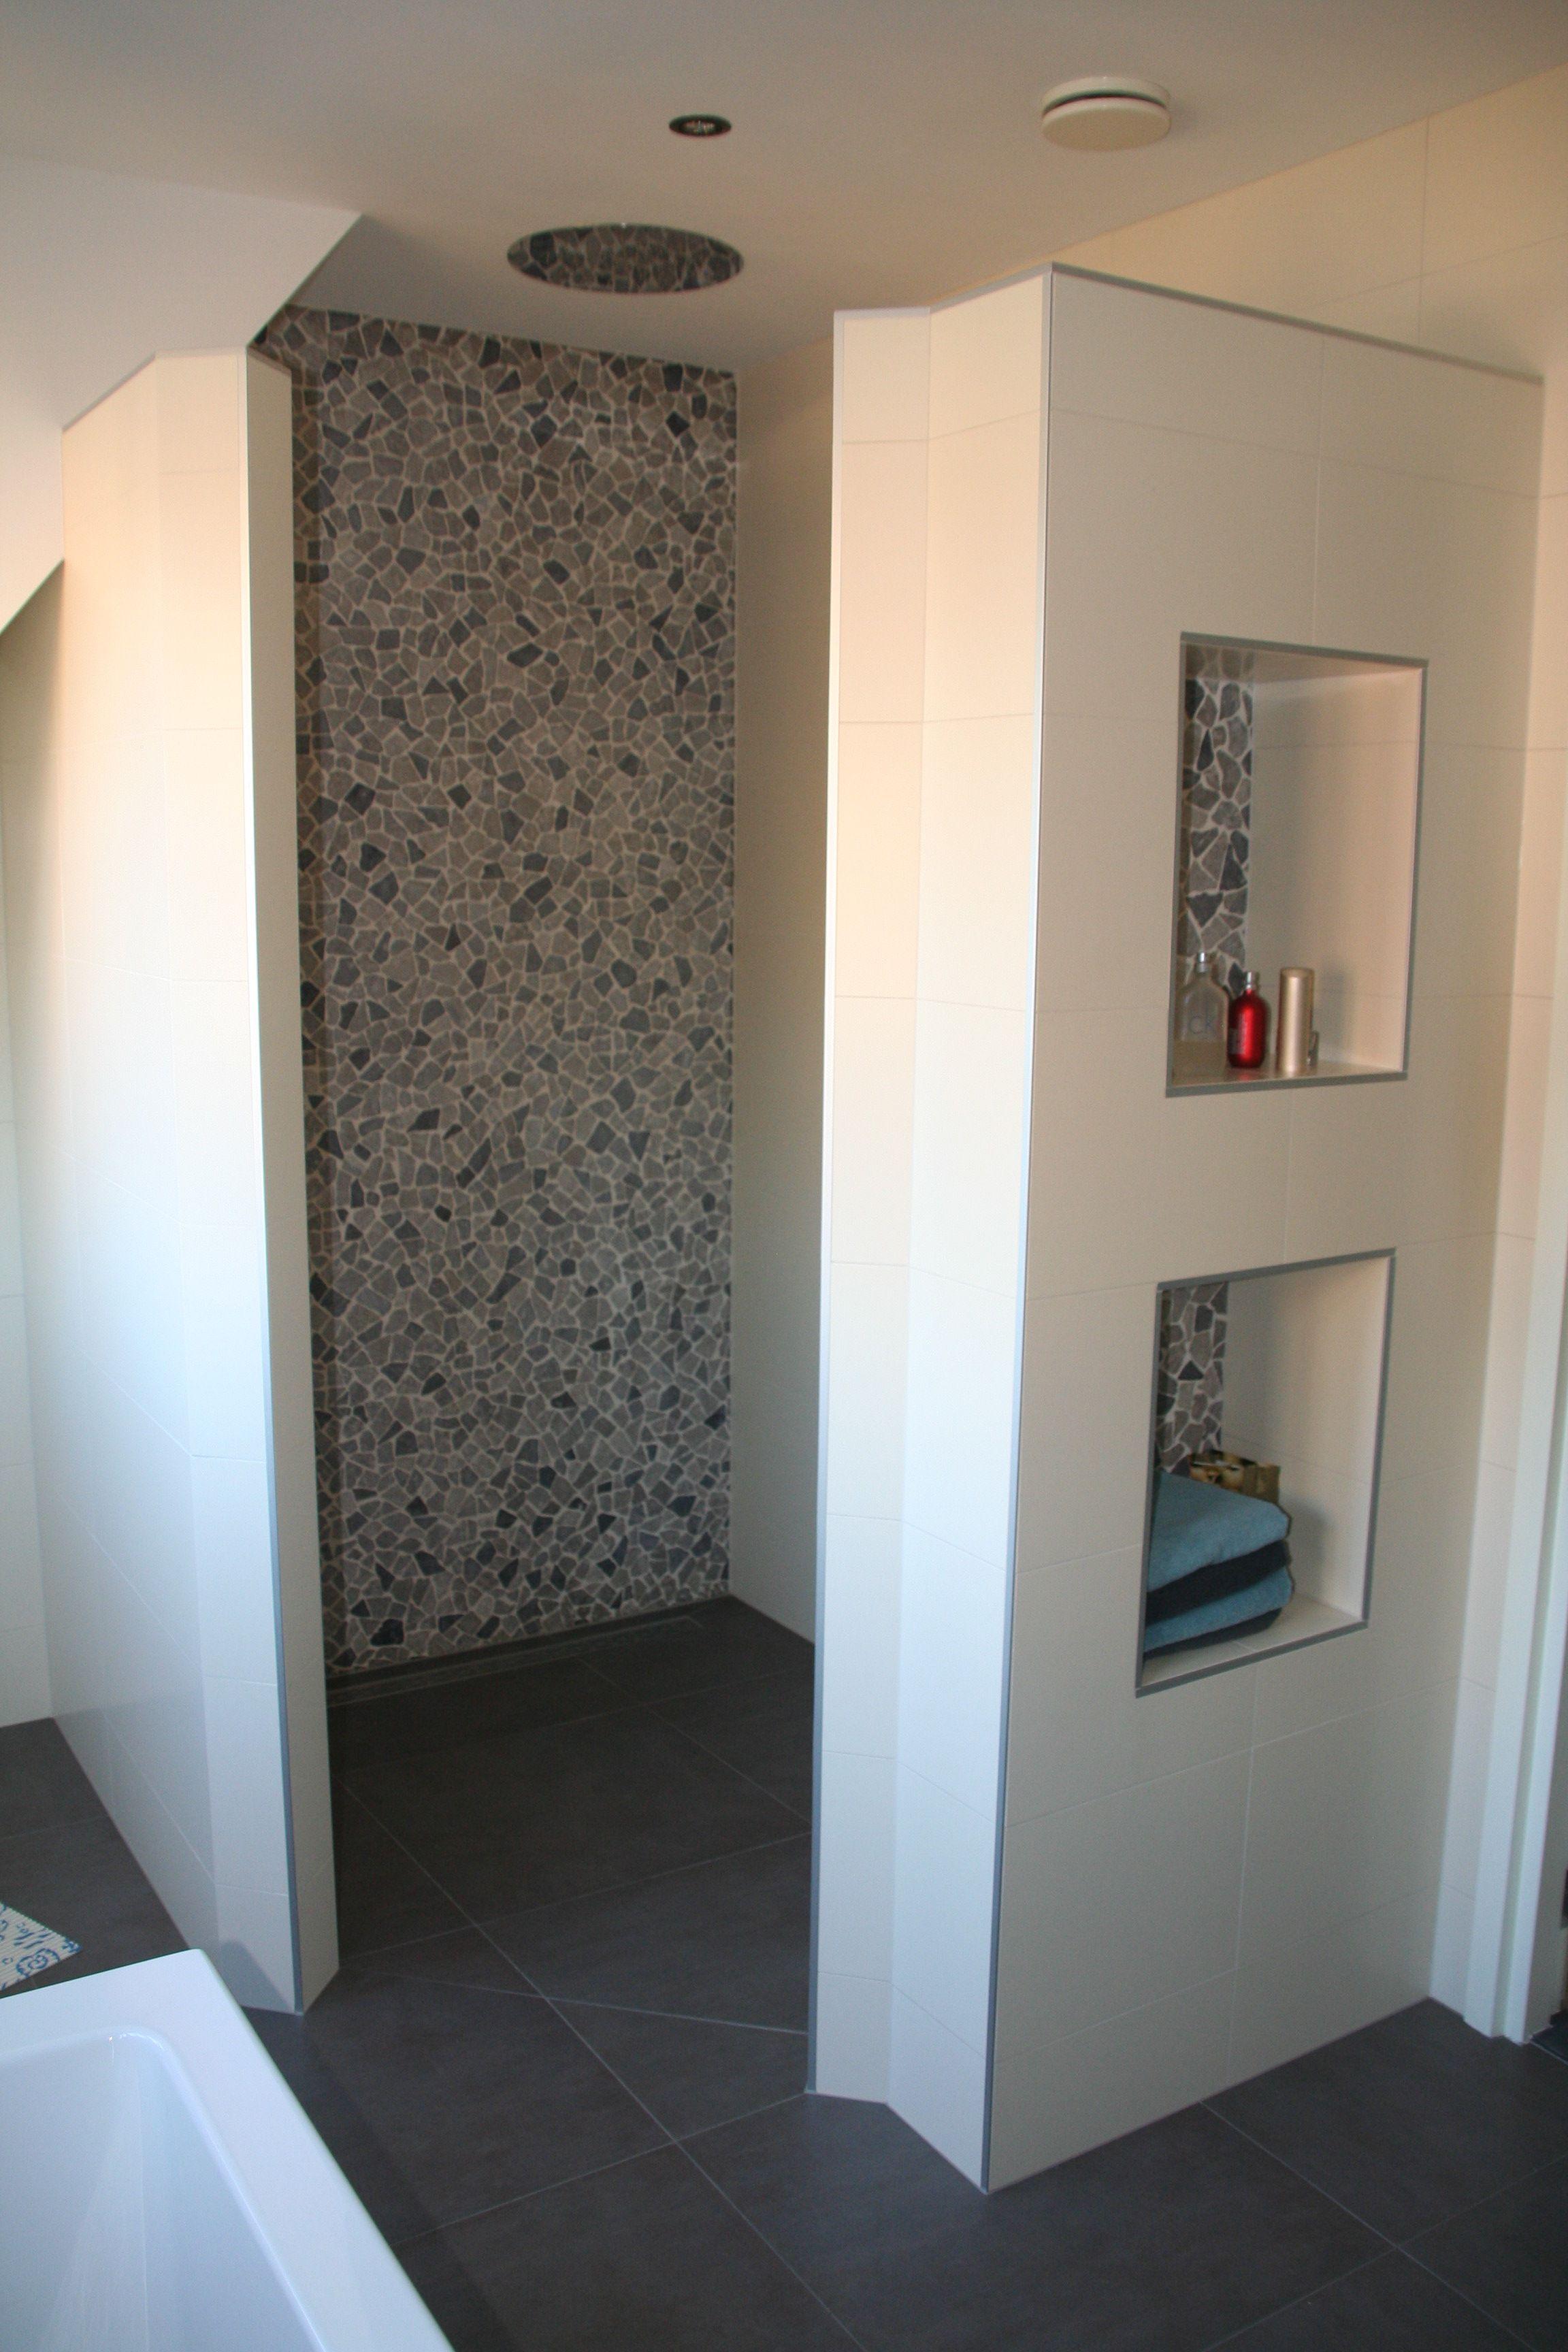 Badkamer mozaiek tegels google zoeken badkamer pinterest tegels badkamer en zoeken - Spiegel wc ontwerp ...